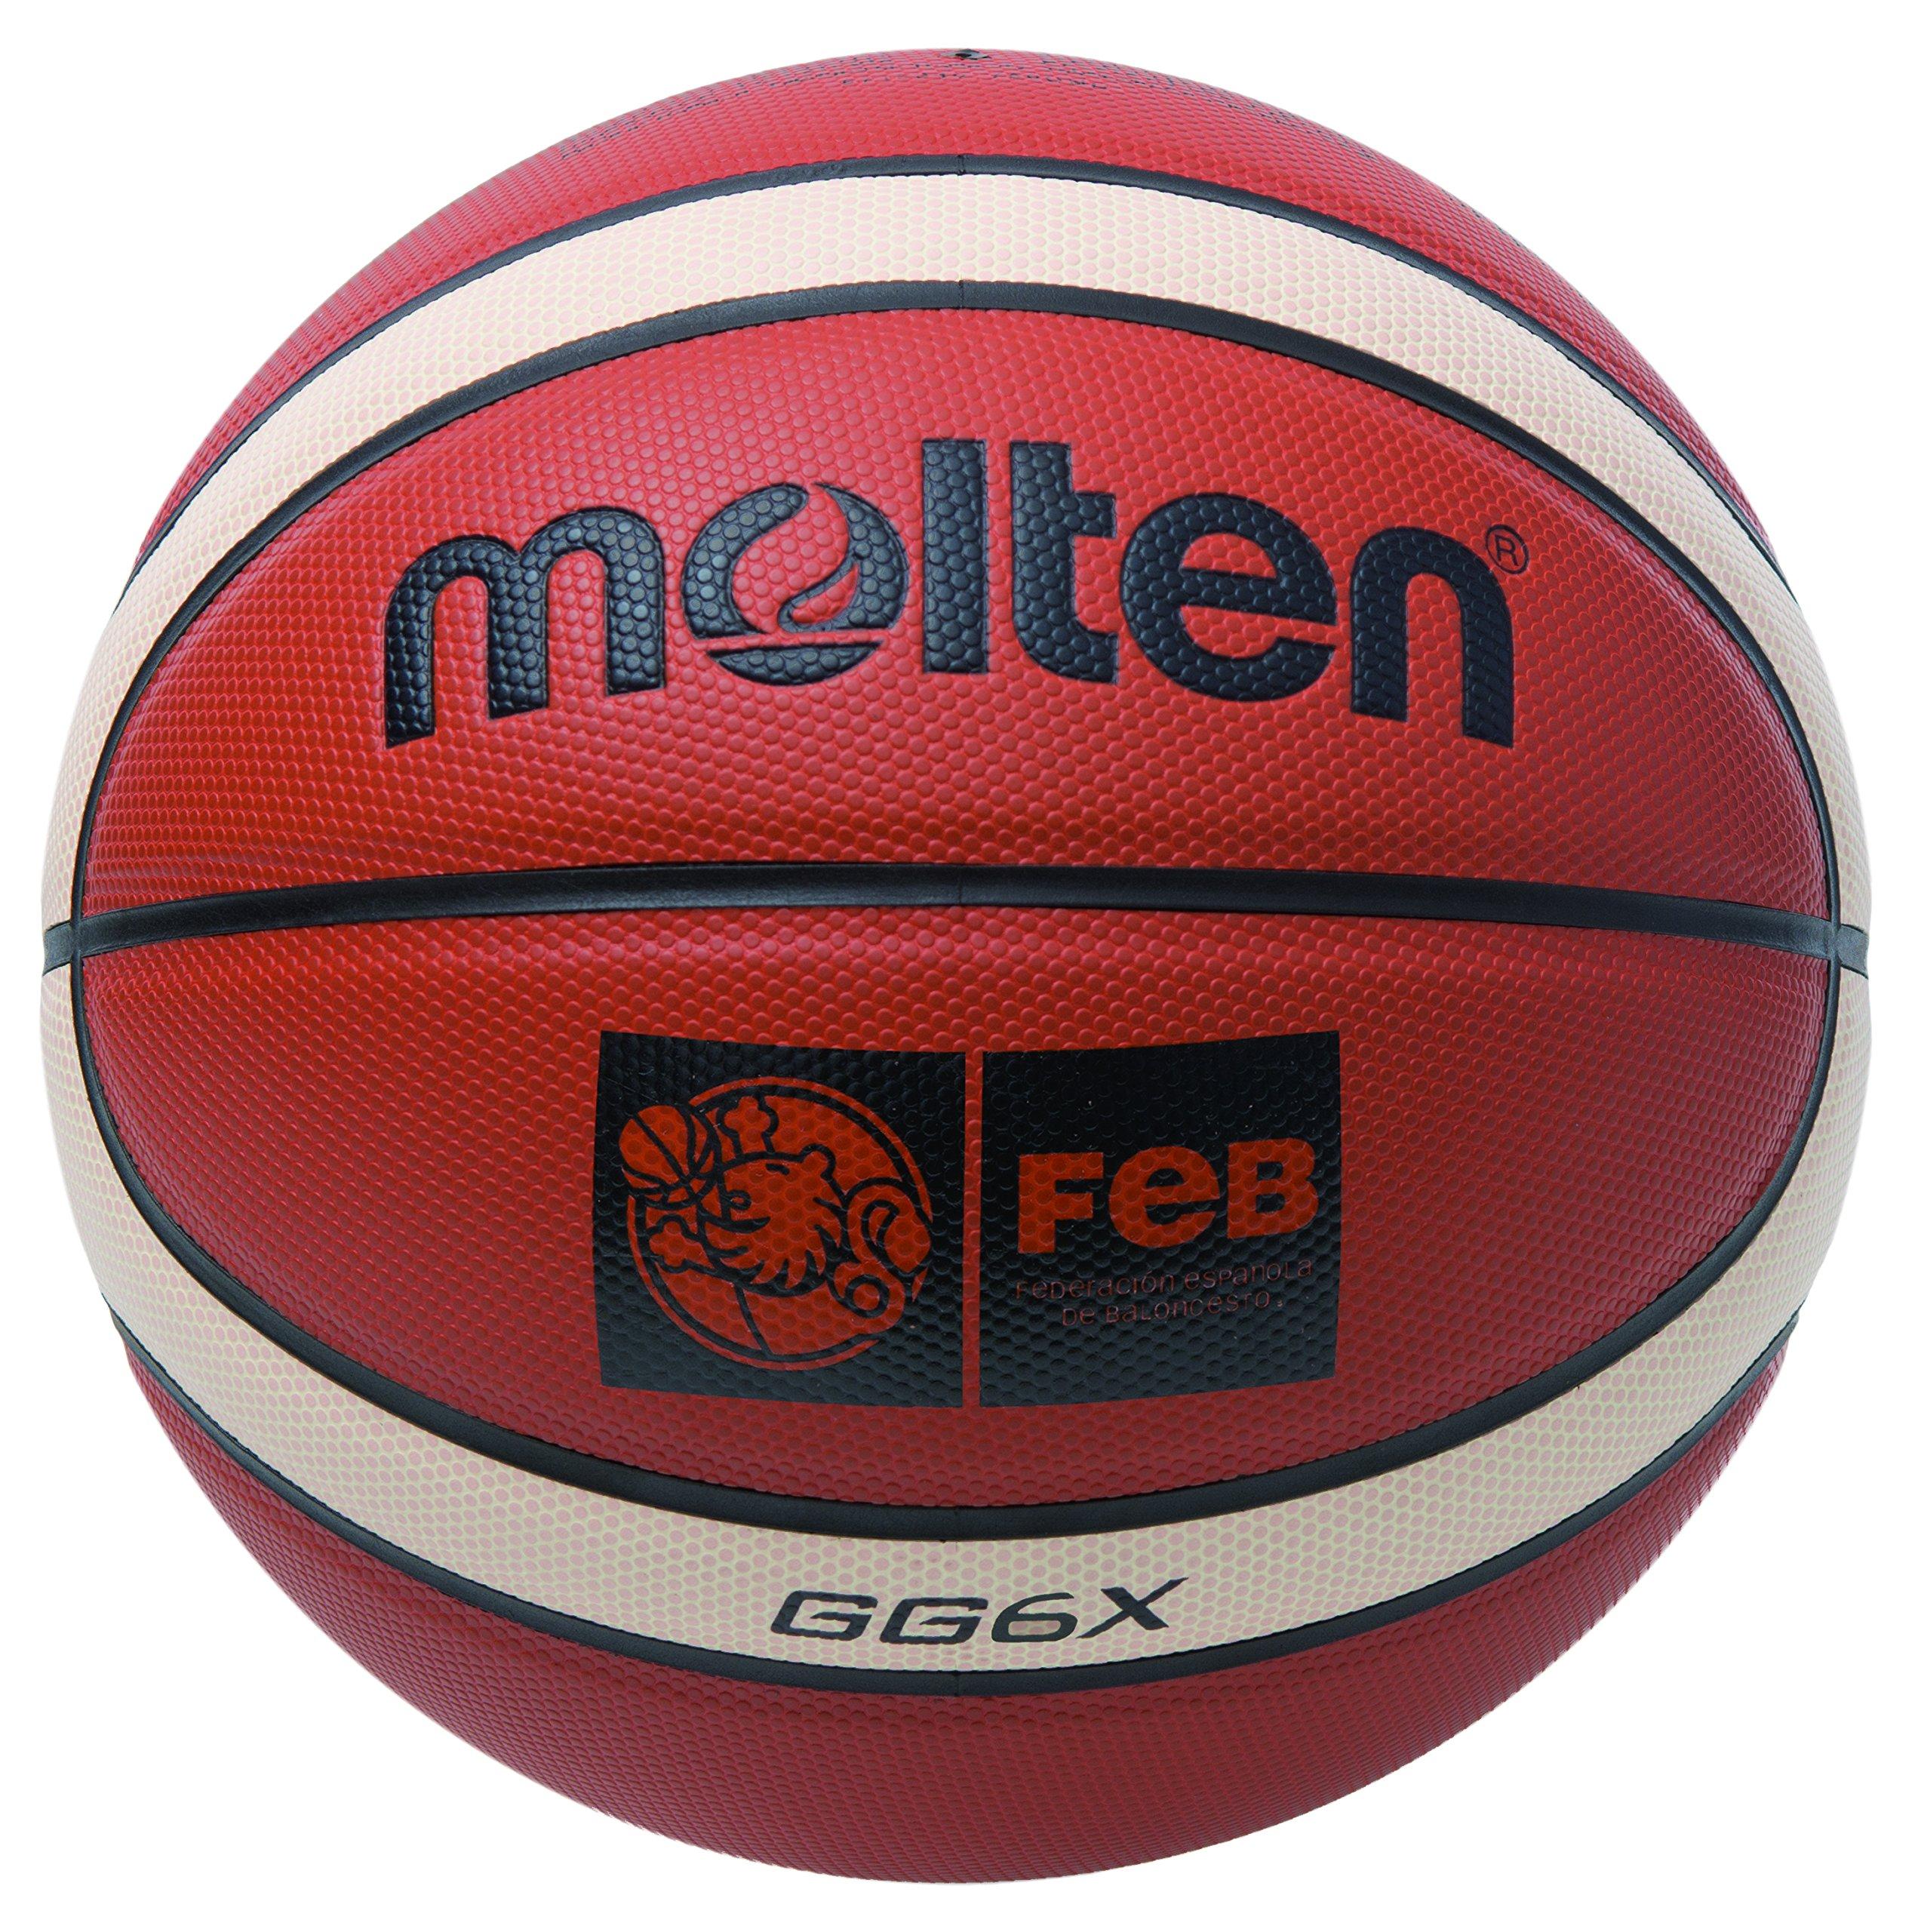 Molten BGG6X Balón de Baloncesto, Mujer, Marrón, 6